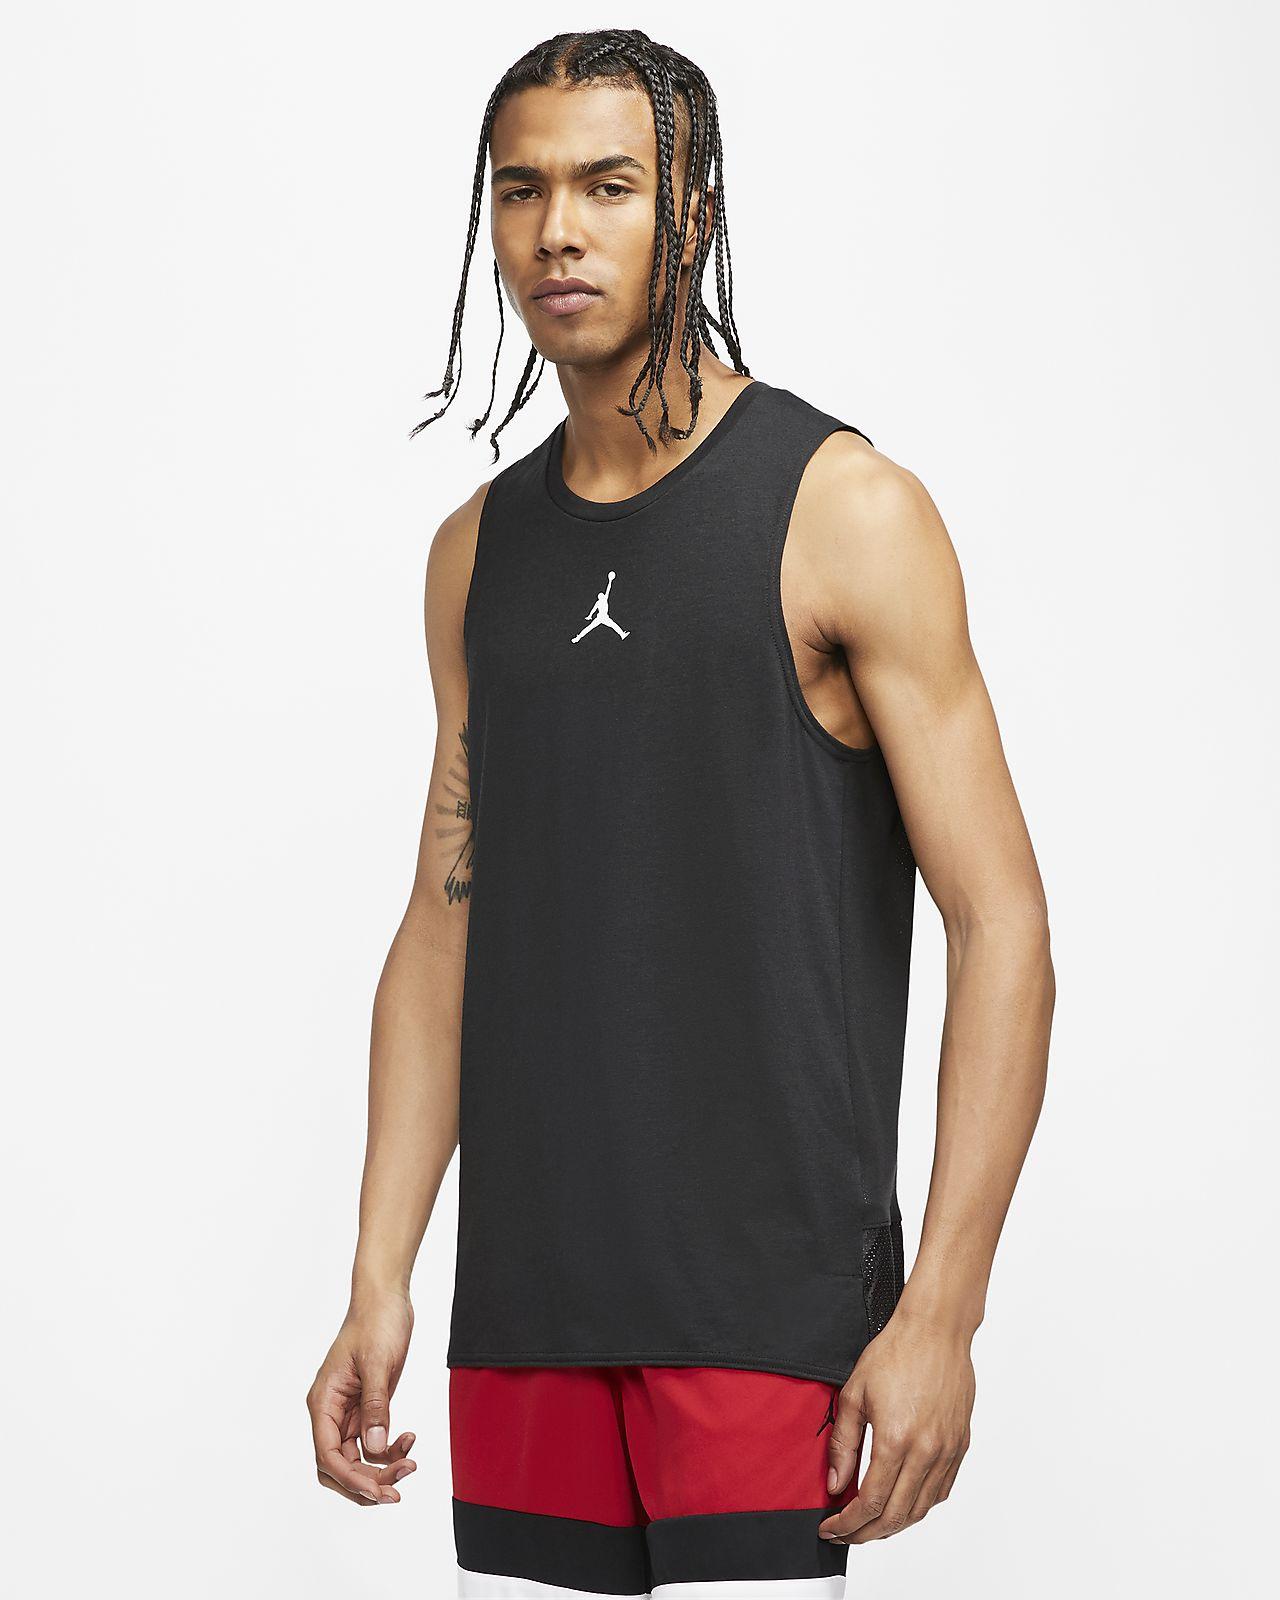 เสื้อแข่งผู้ชาย Jordan 23 Alpha